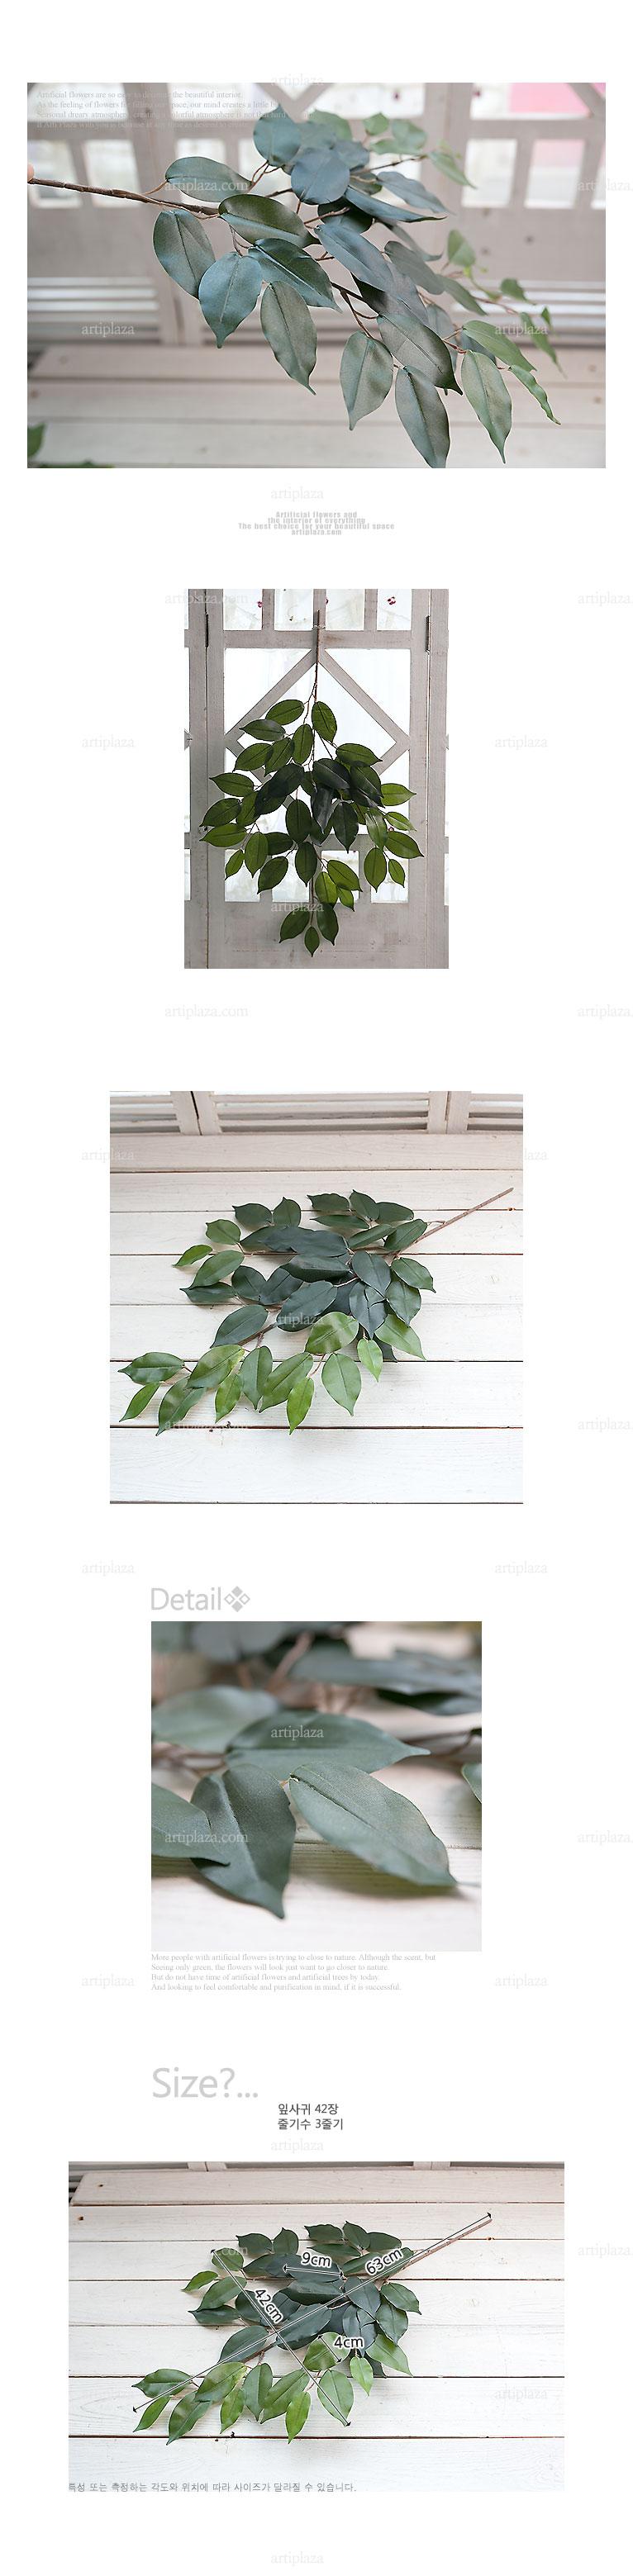 벤자민잎가지 (그린) 조화2,900원-아티플라자인테리어, 플라워, 조화, 리스/가랜드바보사랑벤자민잎가지 (그린) 조화2,900원-아티플라자인테리어, 플라워, 조화, 리스/가랜드바보사랑